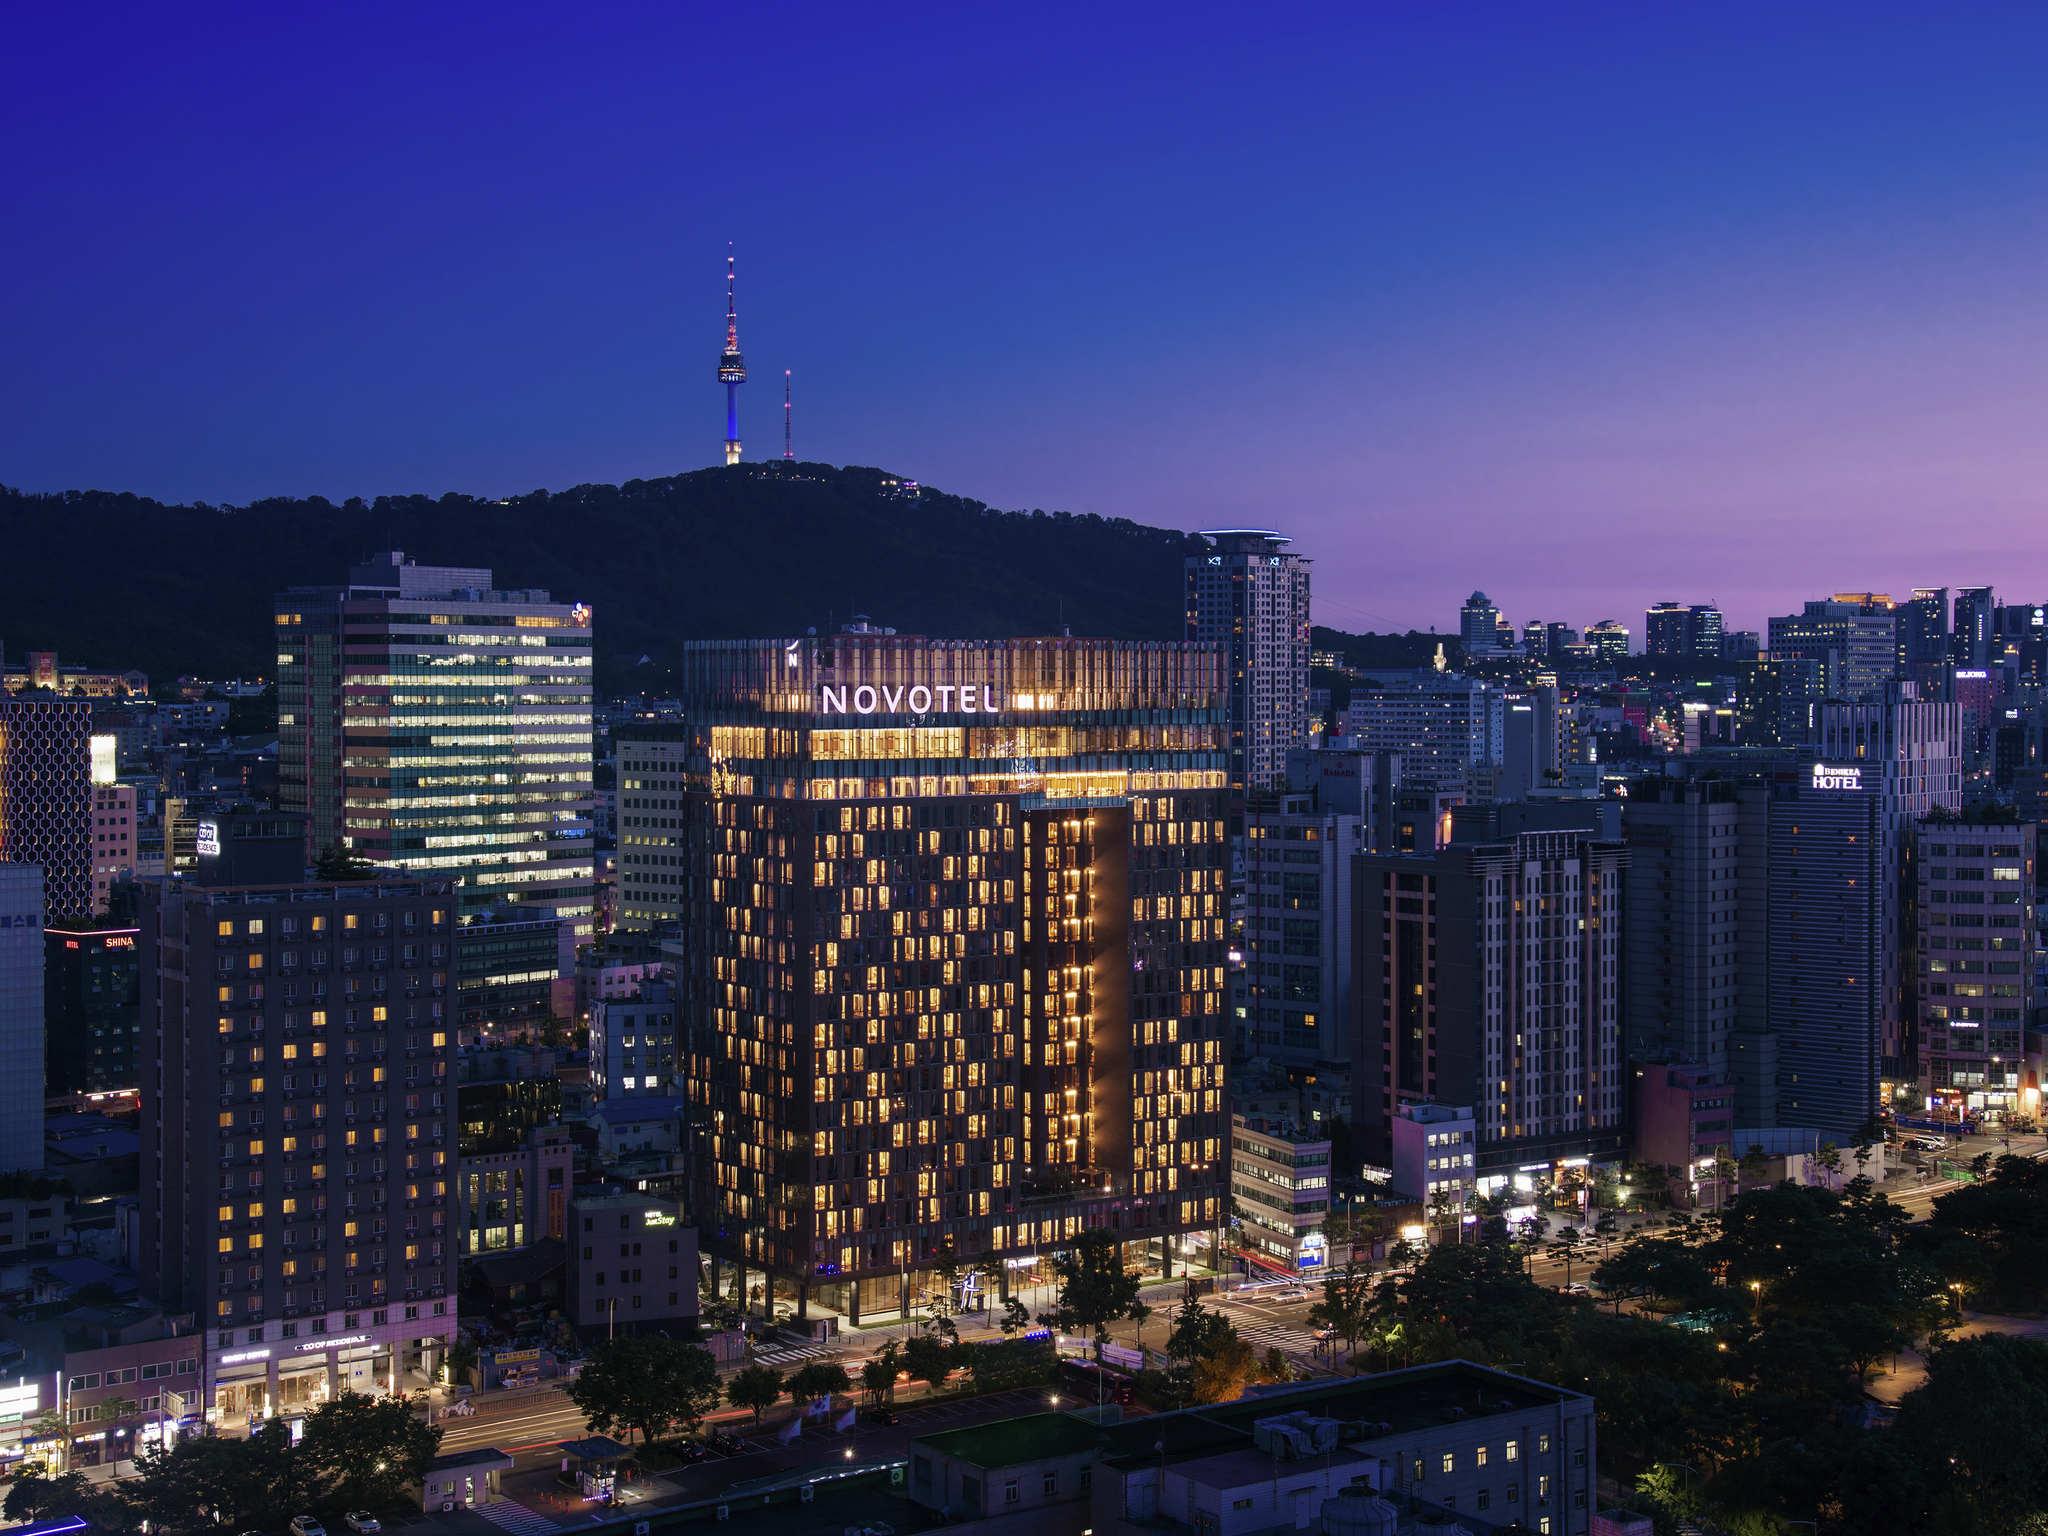 Отель — Novotel Амбассадор Сеул Тондэмун (открытие в июле 2018 г.)